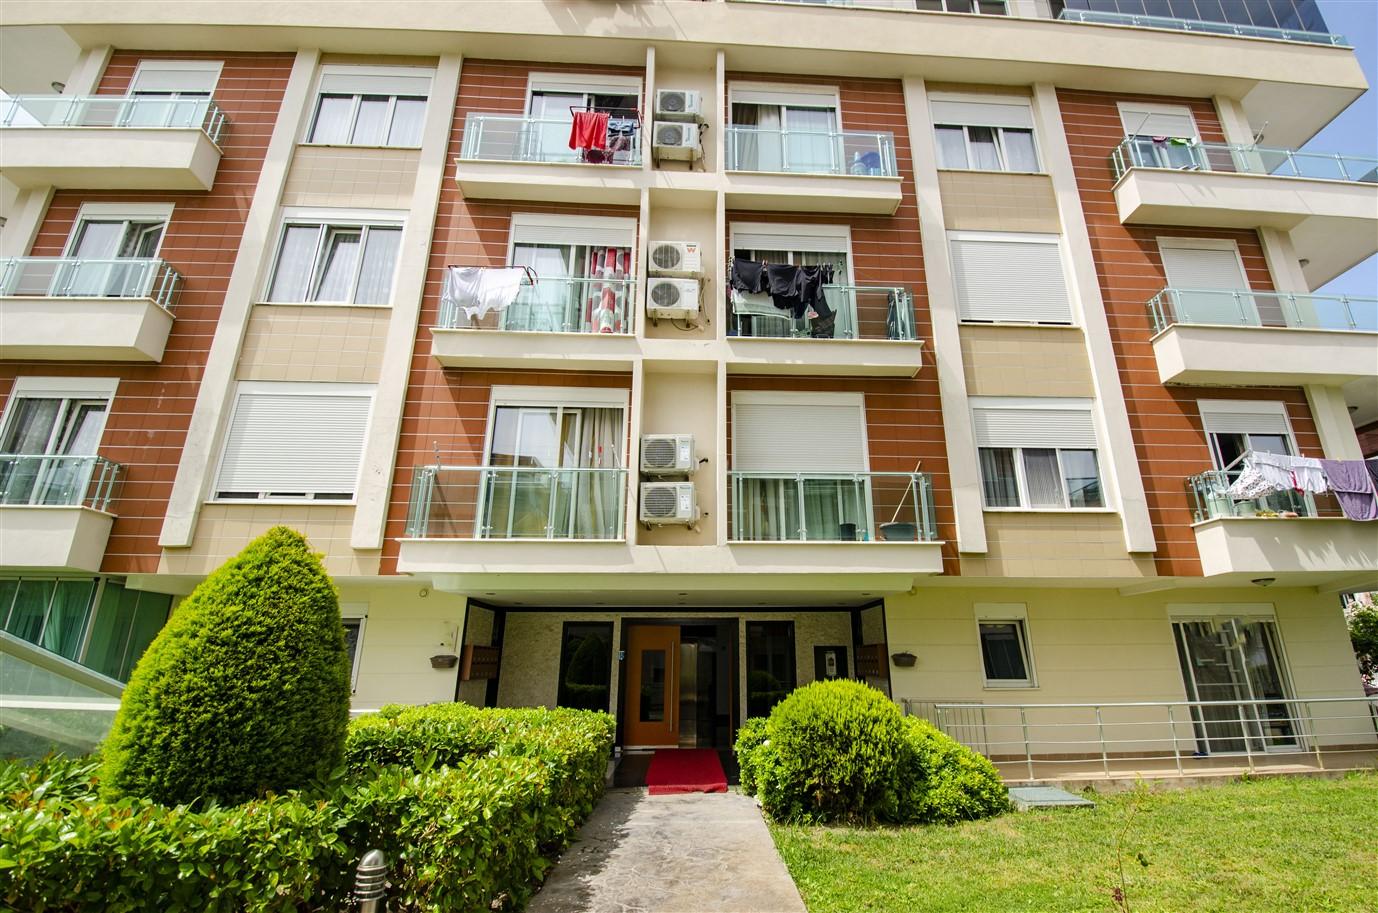 Трёхкомнатная квартира в микрорайоне Лиман - Анталья - Фото 12